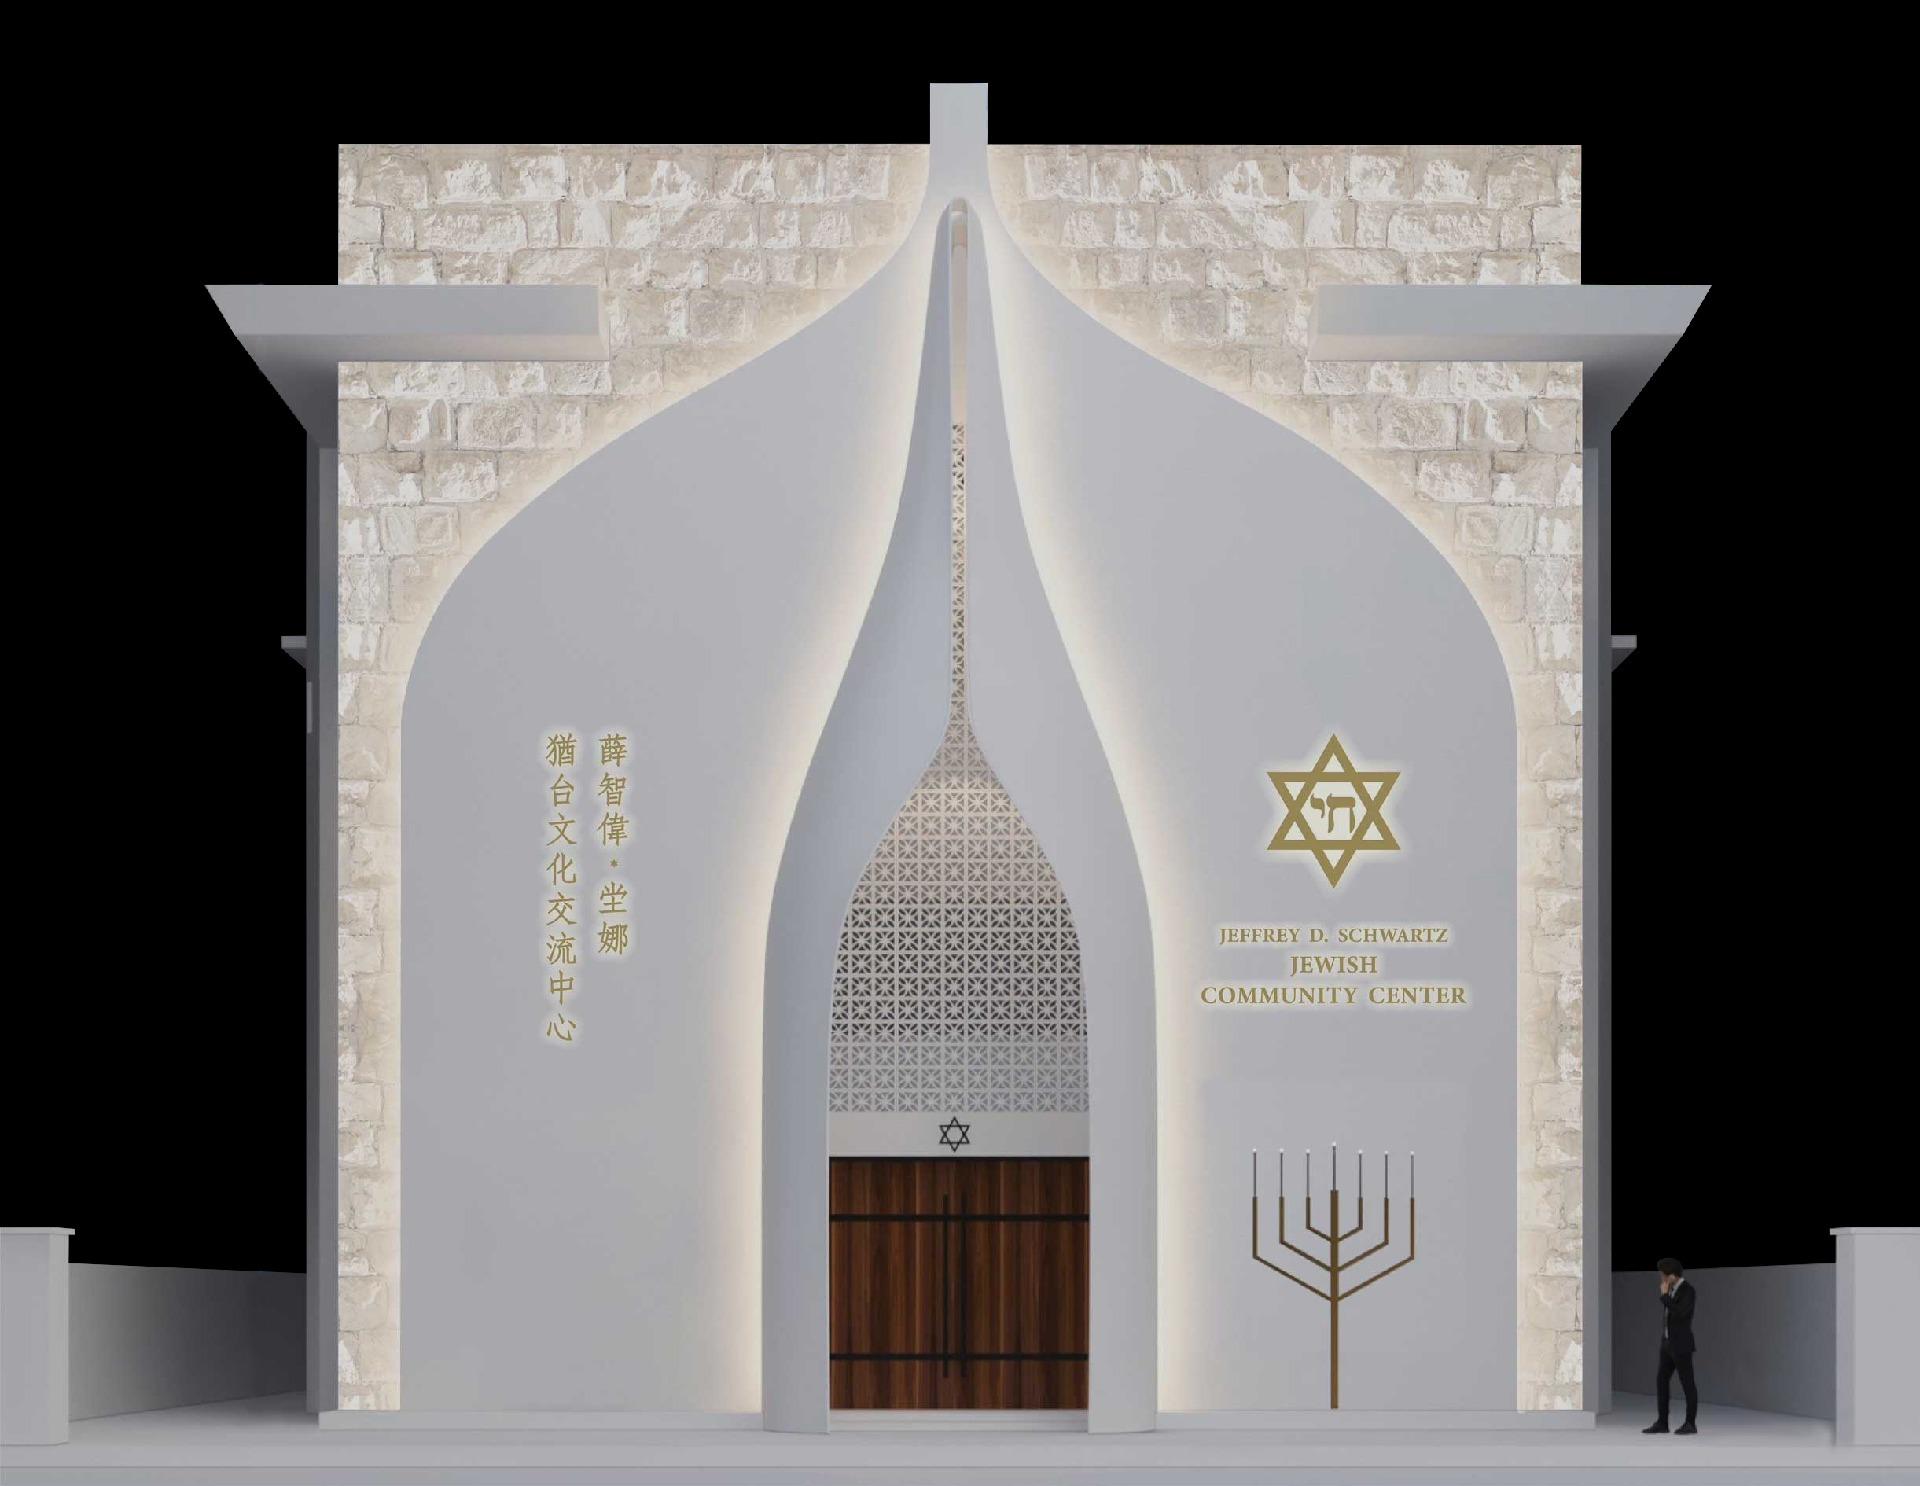 Hamarosan megnyílik Tajvan zsidó közösségi központja